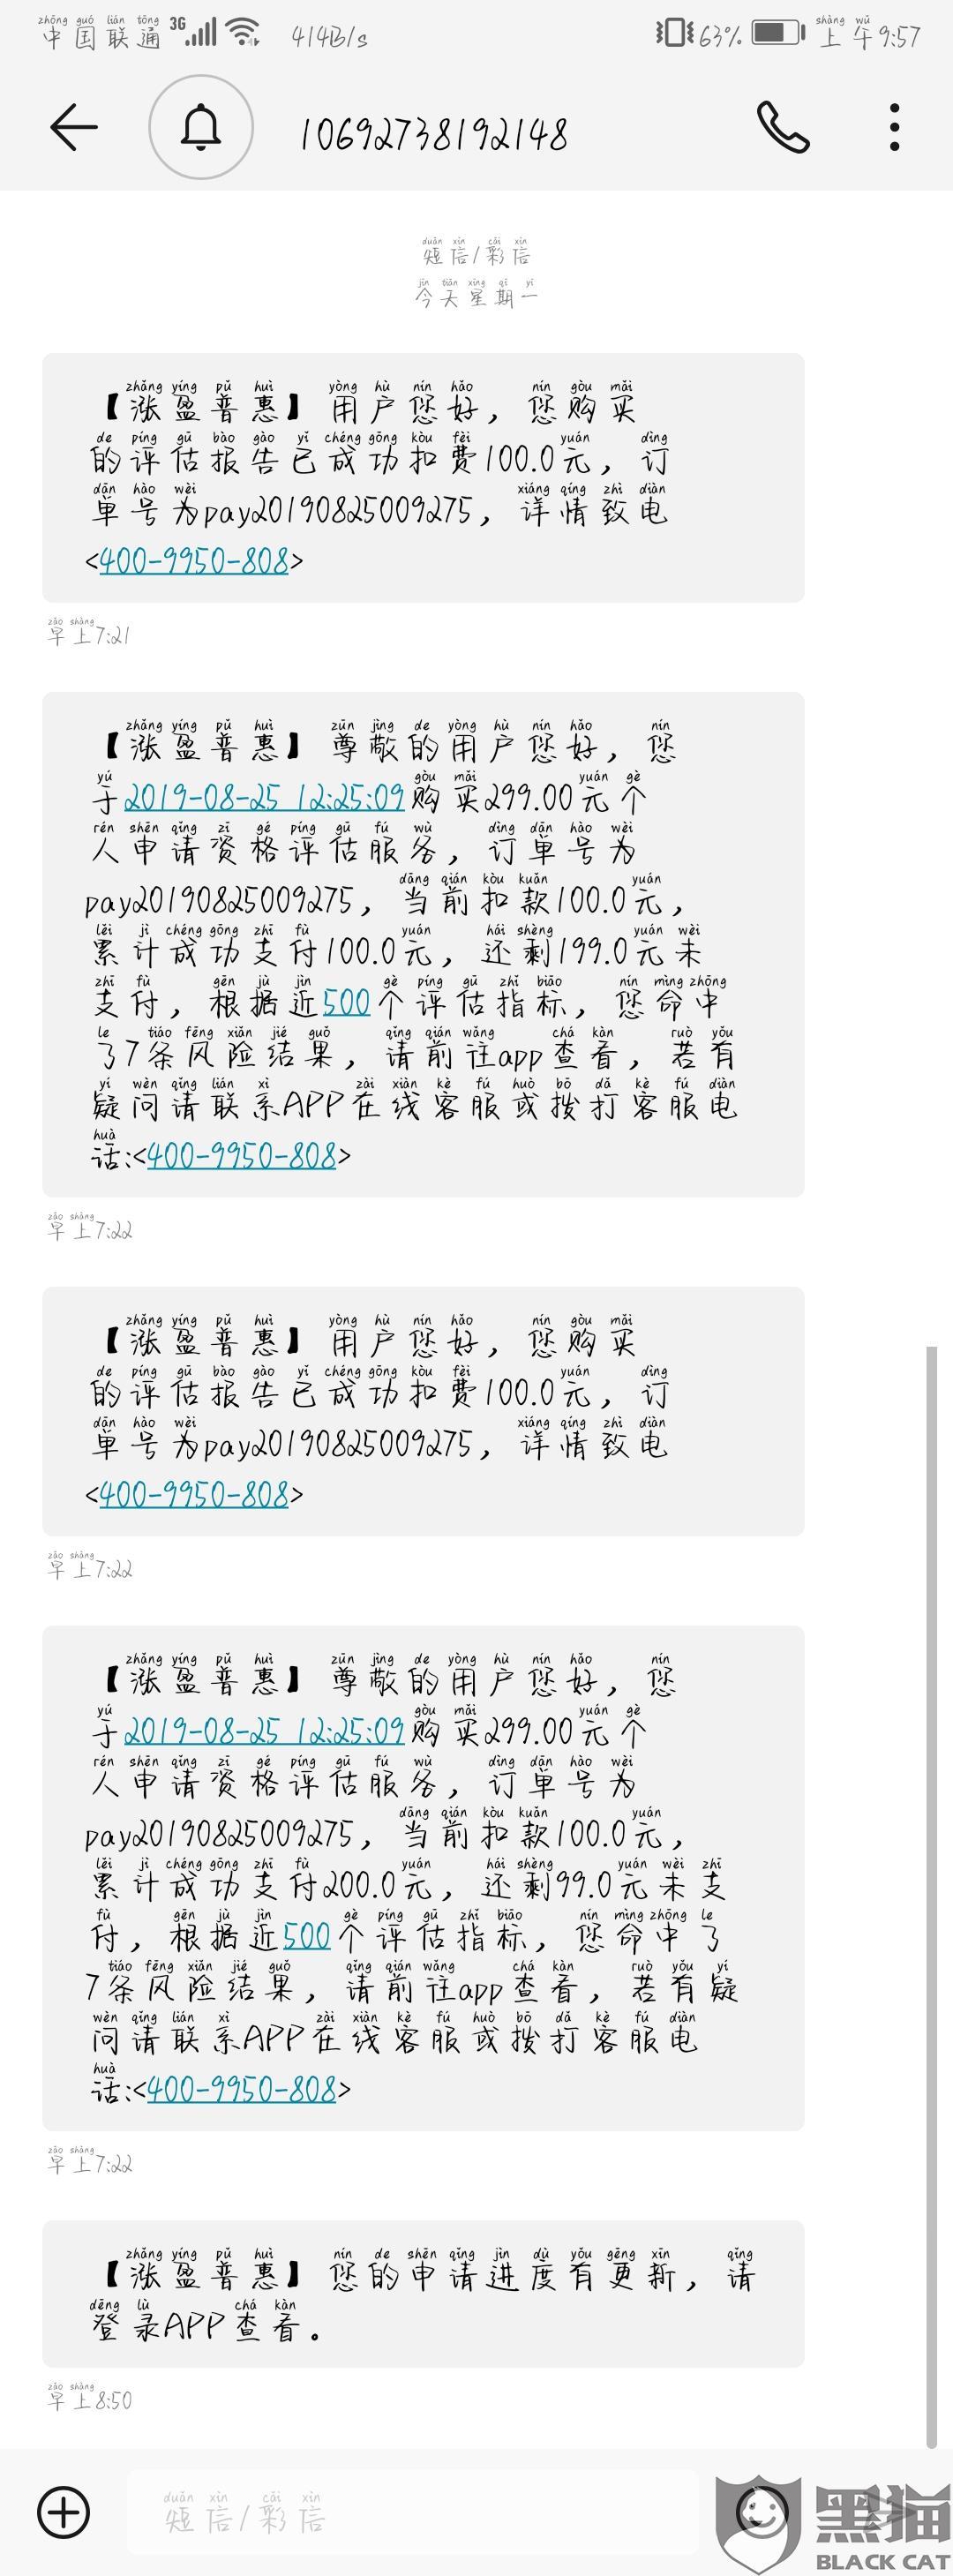 黑猫投诉:投诉上海造艺网络技术有限公司下的涨盈普惠